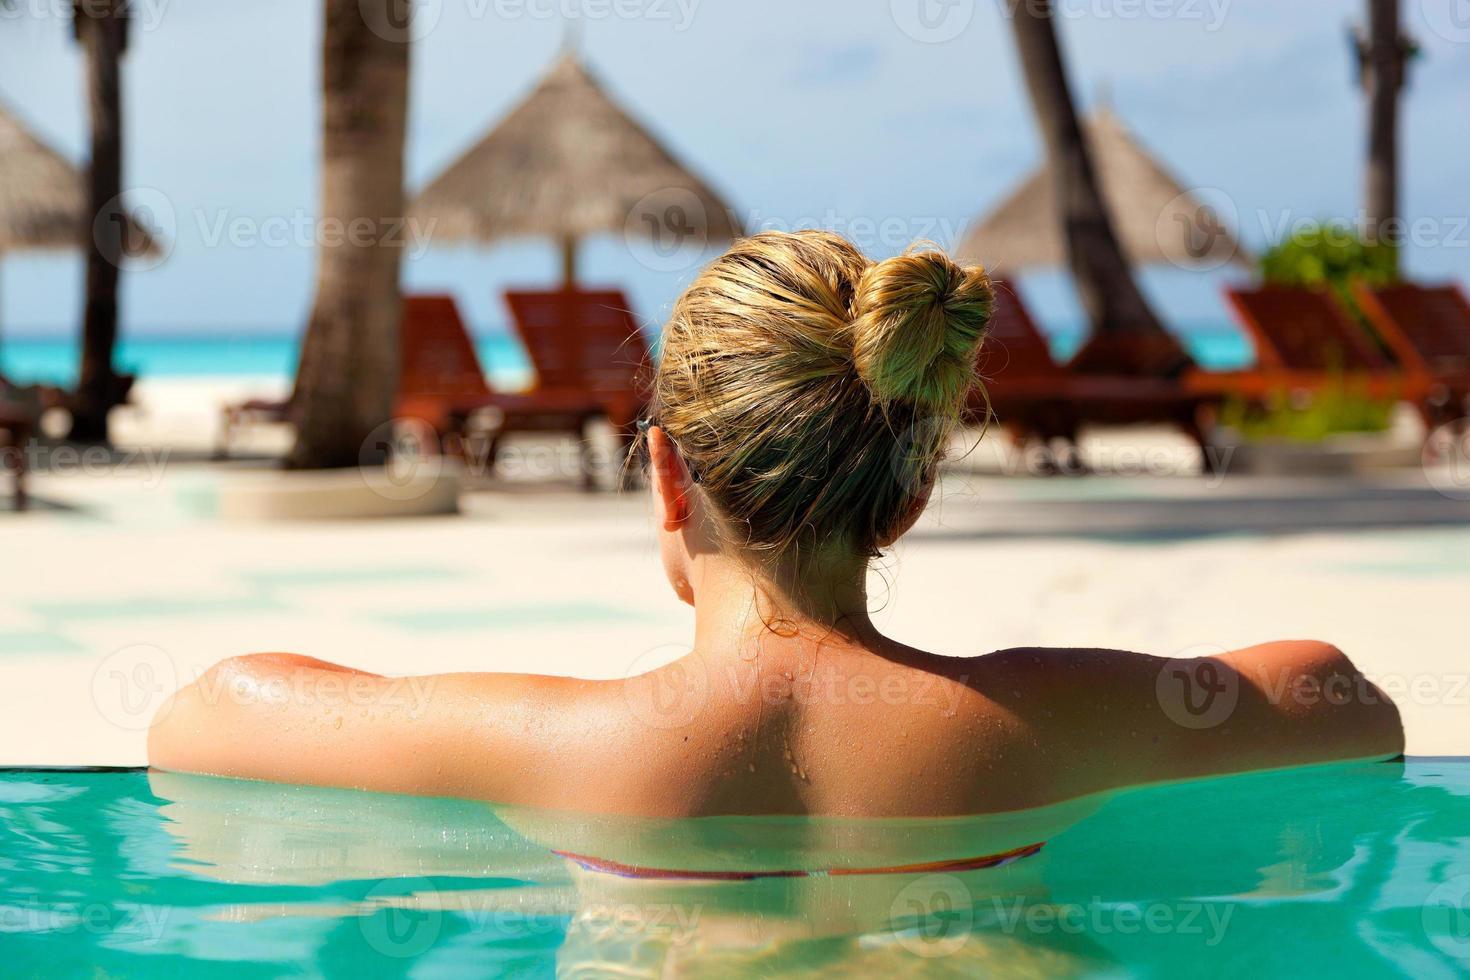 chica en la piscina en el paraíso resort foto